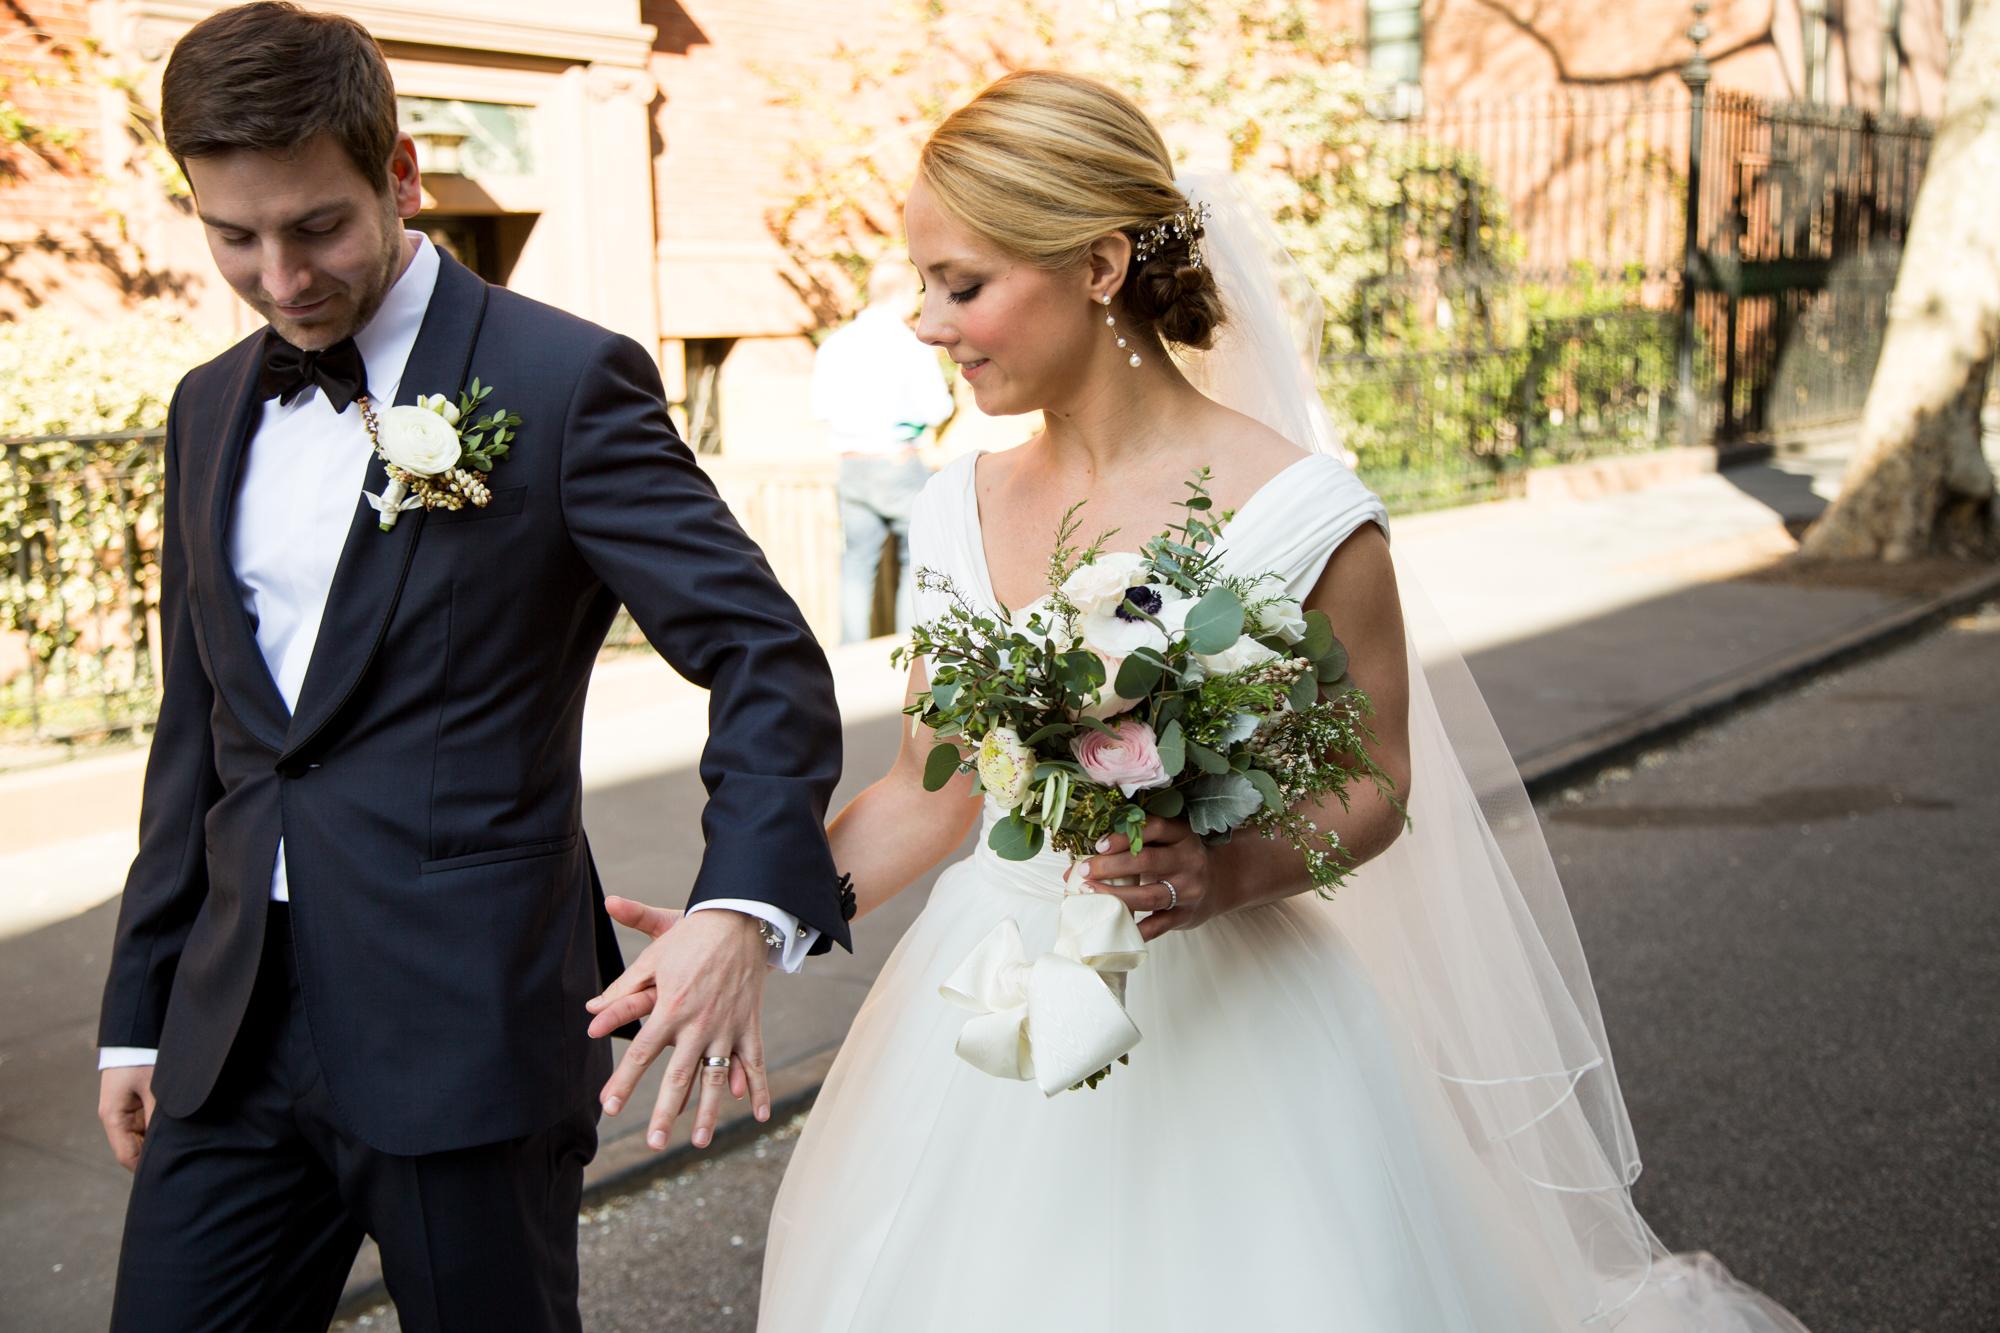 KerryBrian-BrooklynWinery-wedding-GraceChurch-819.jpg